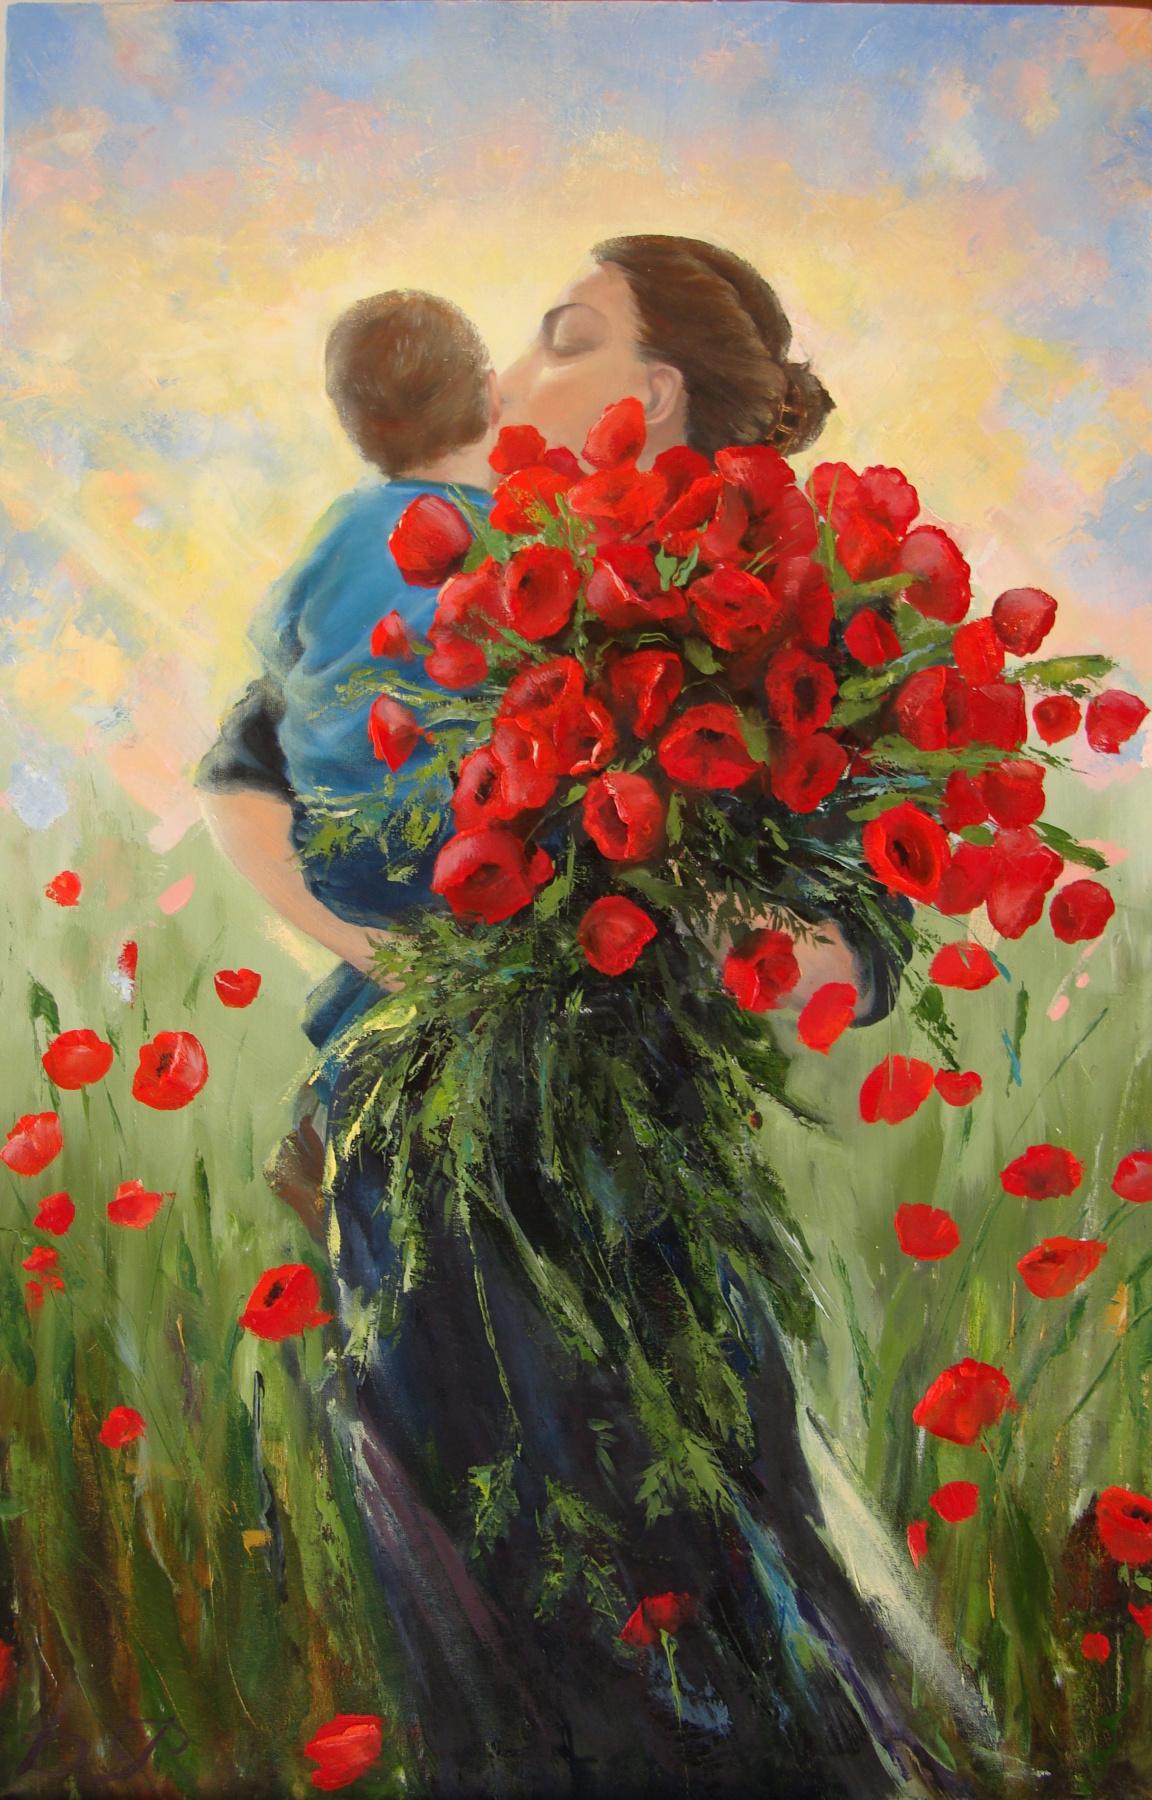 Ruzana Mukhamedovna Datsirkhoeva. The joy of life